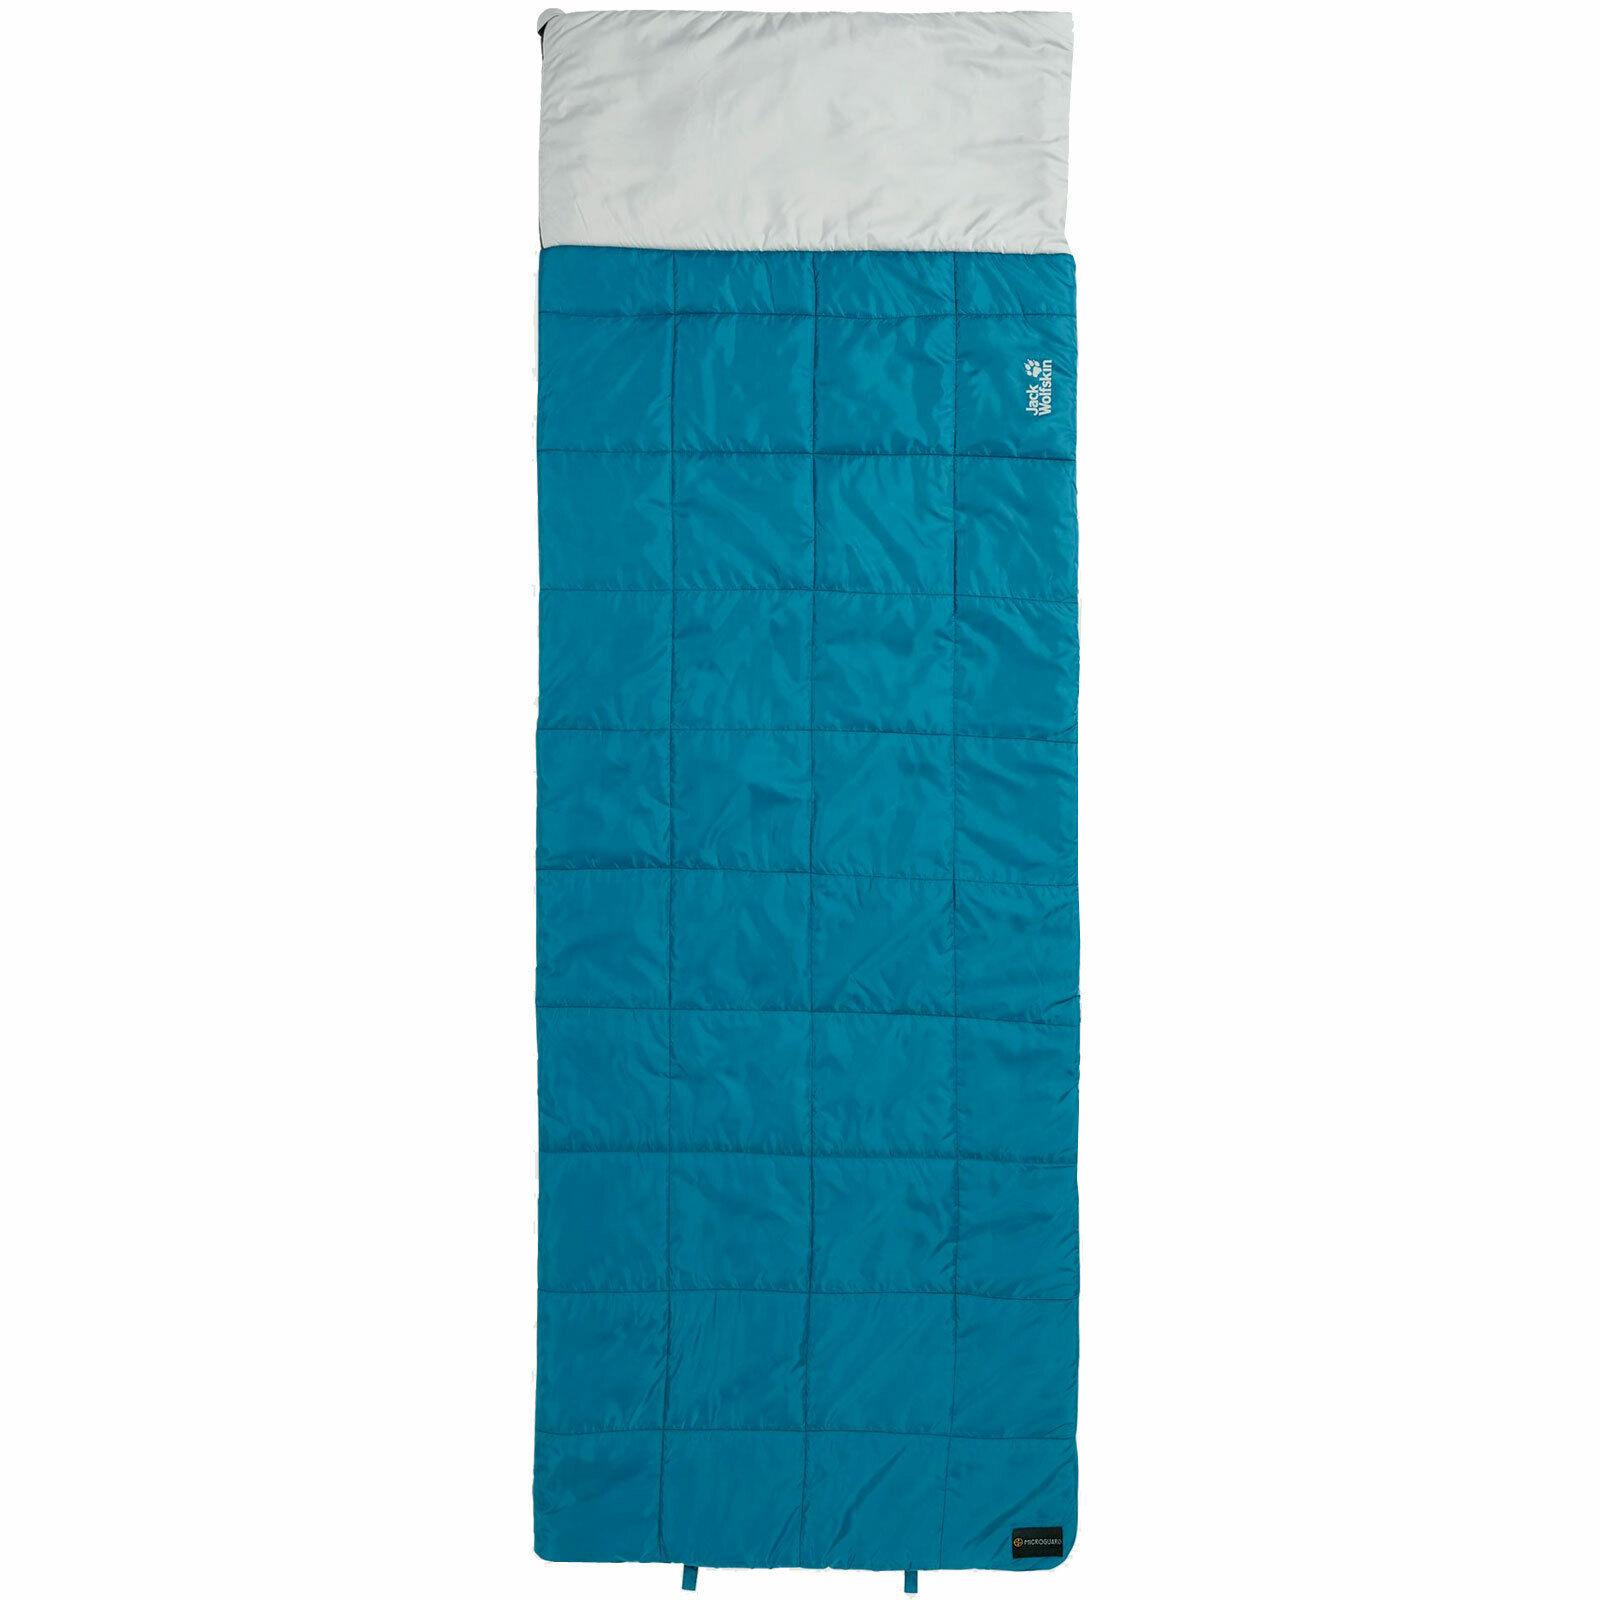 Jack Wolfskin 4-in-1 Blanket mantas para dormir saco saco de dormir doble bolsa de sueño nuevo